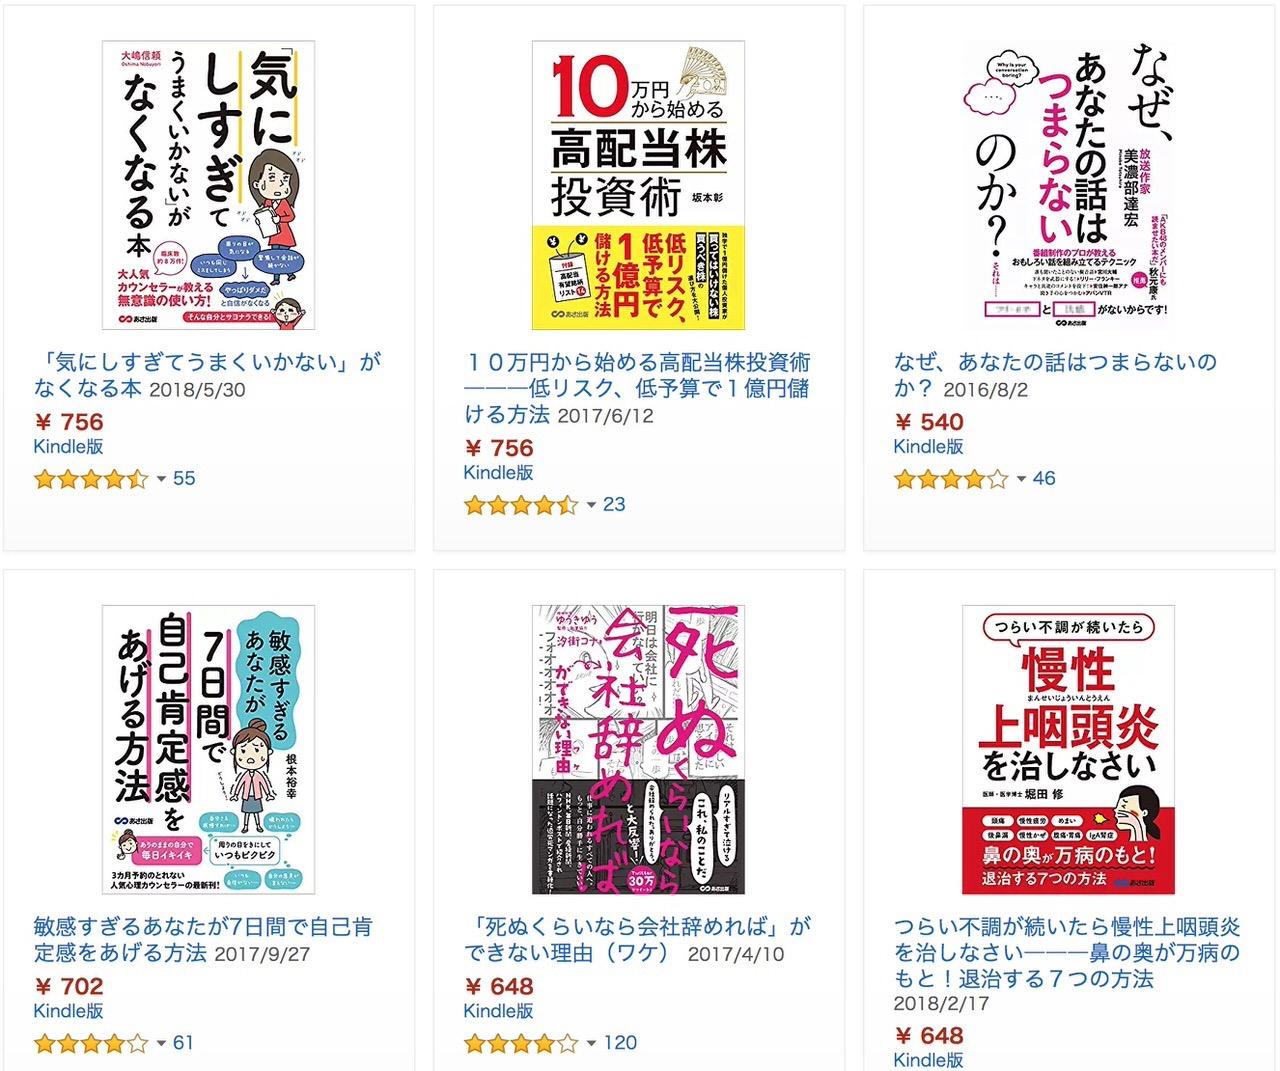 【Kindleセール】50%OFF「夏休み最後に読みたい実用書フェア」(9/2まで)